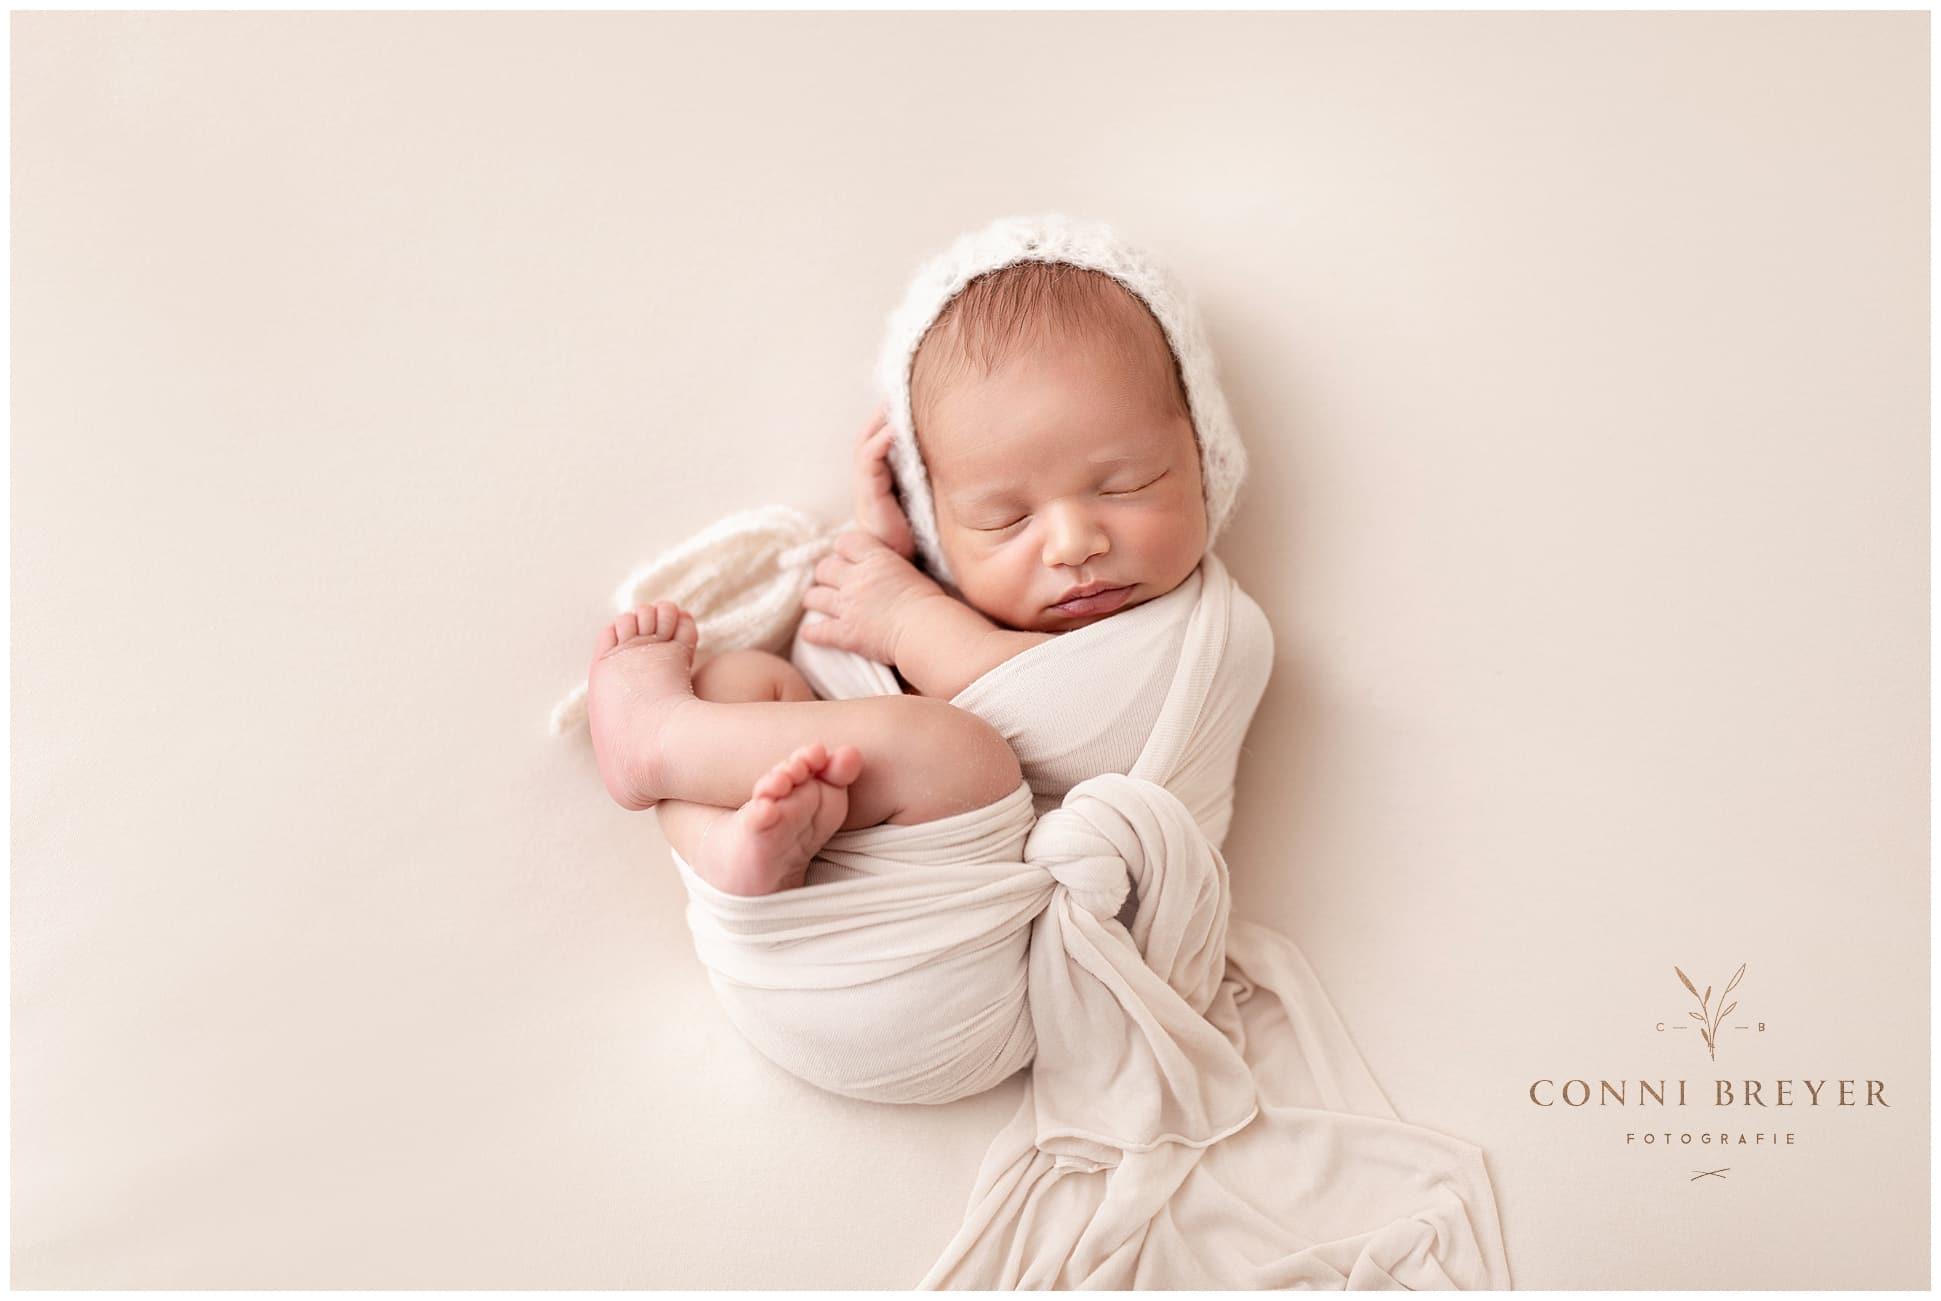 neugeborenen Fotoshootings zeitlos in naturfarben mit schöner Pose bei Wangen im Allgäu - conni breyer fotografie